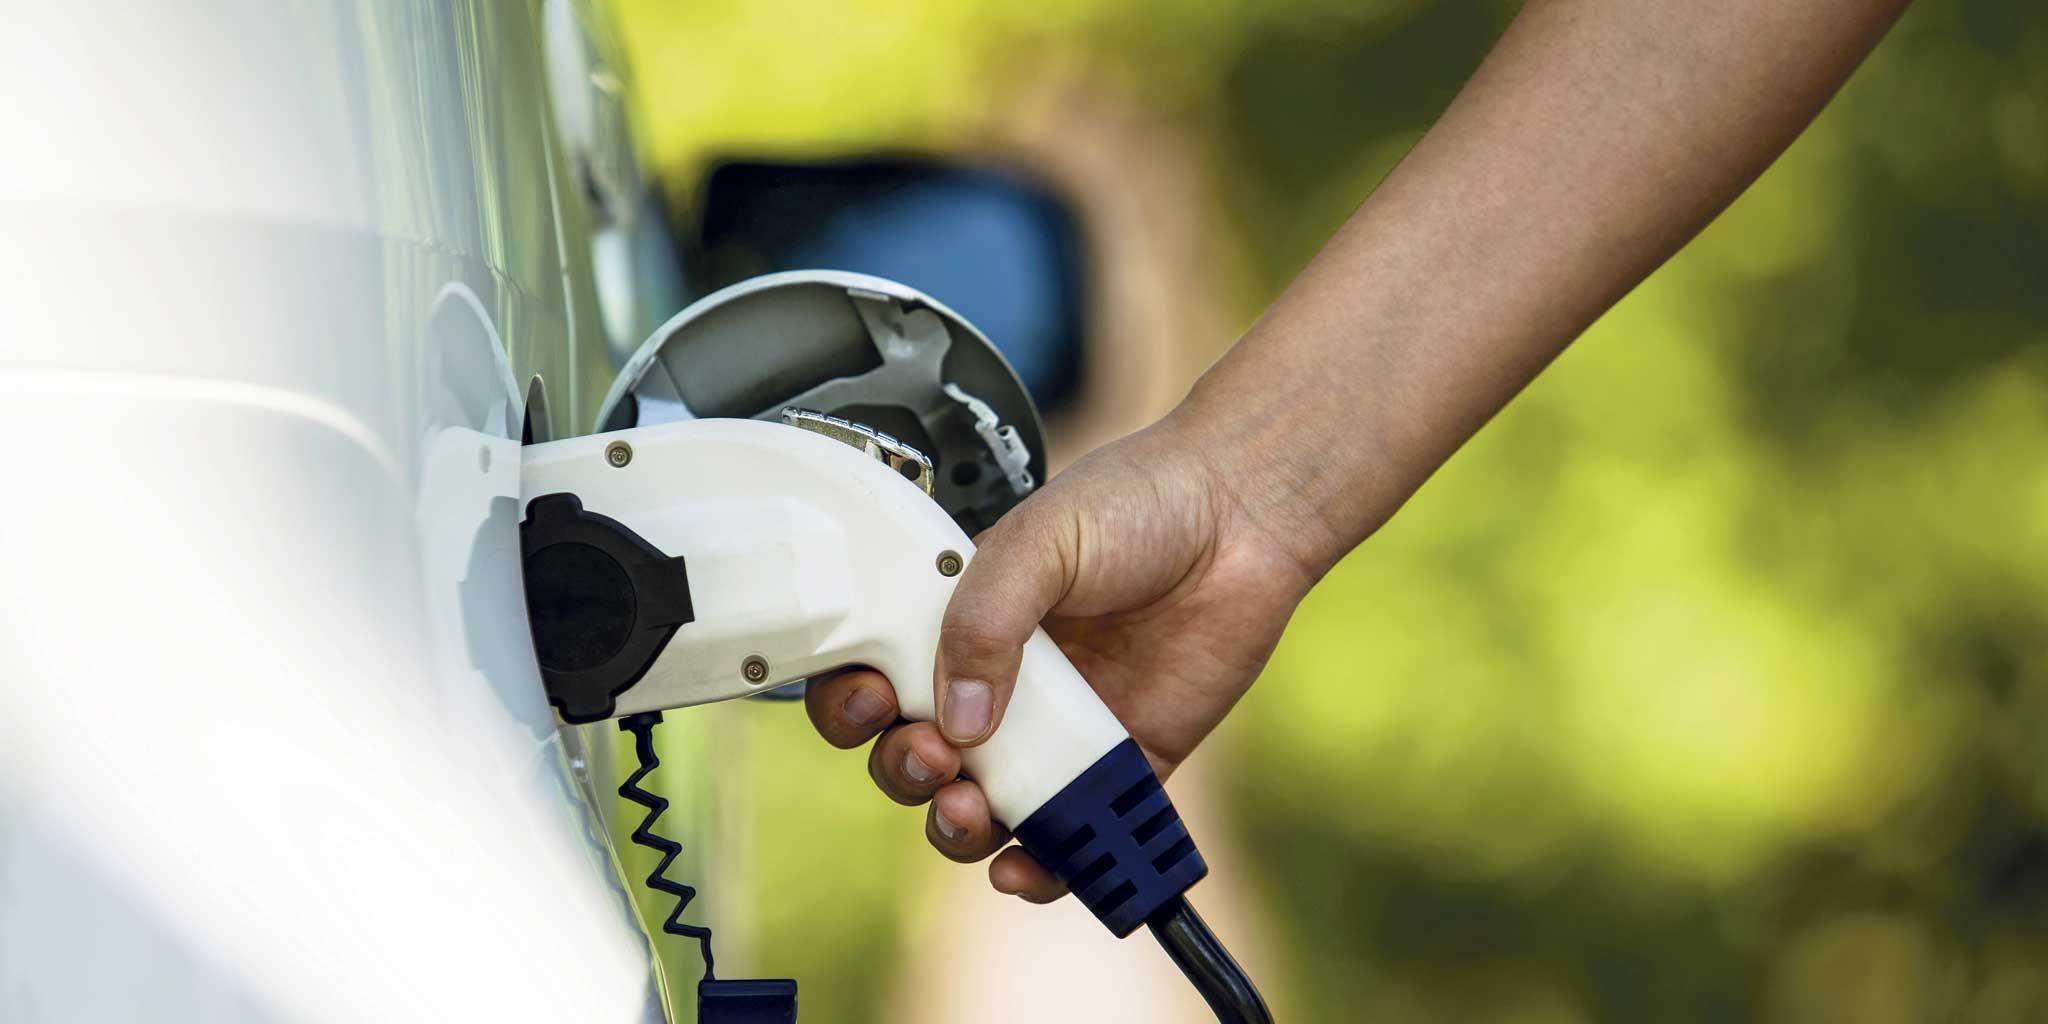 Iemand tankt benzine in een voertuig